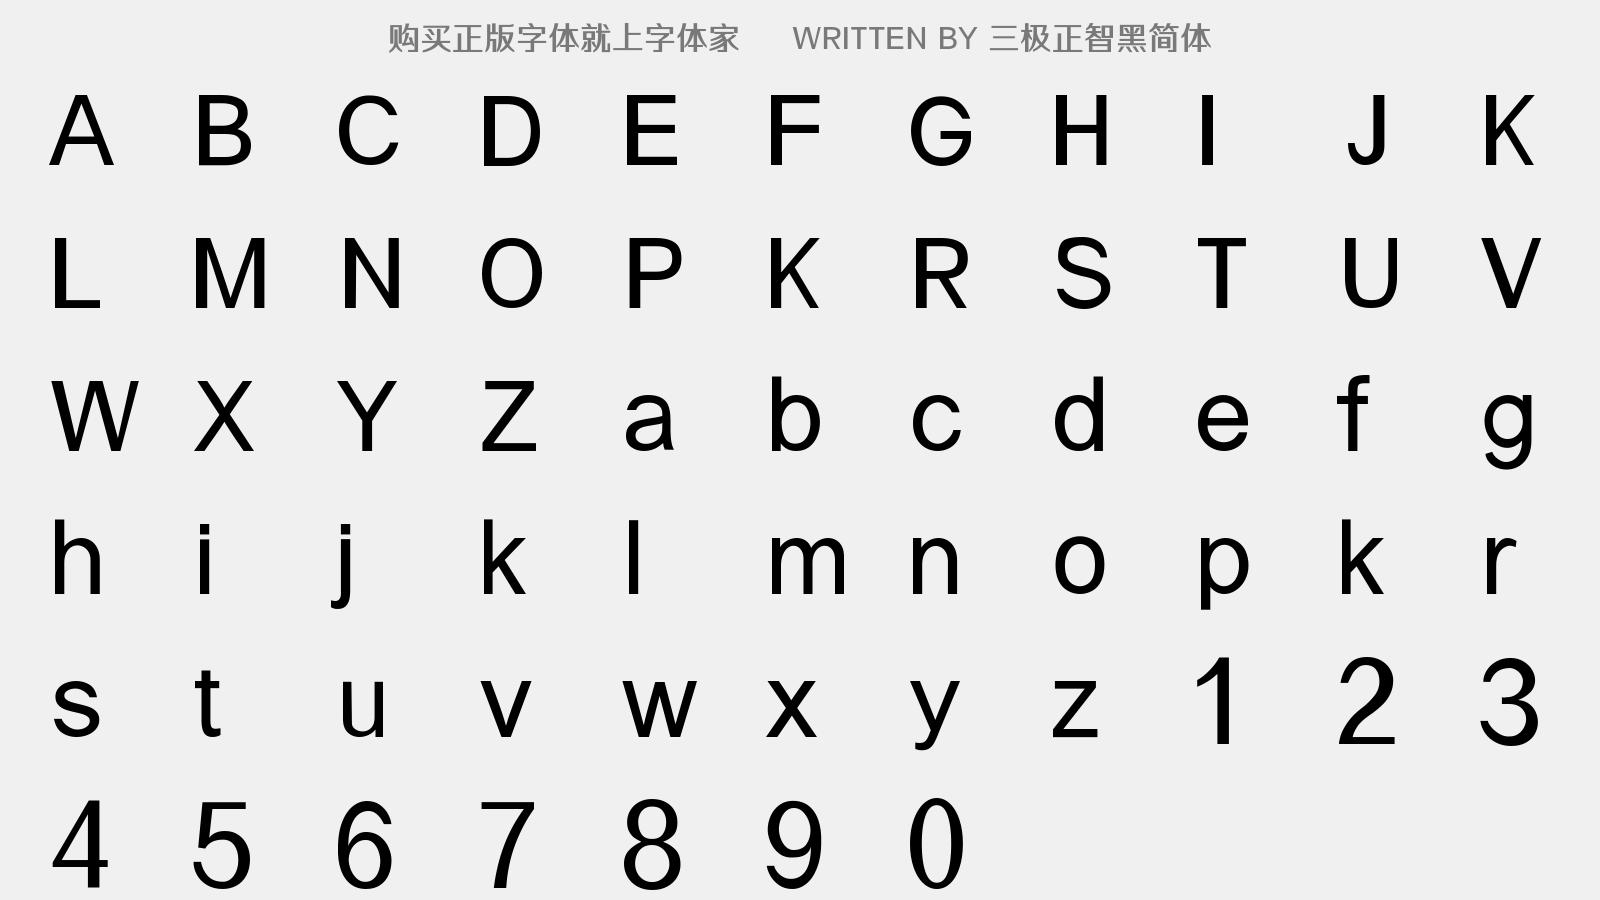 三極正智黑簡體 - 大寫字母/小寫字母/數字